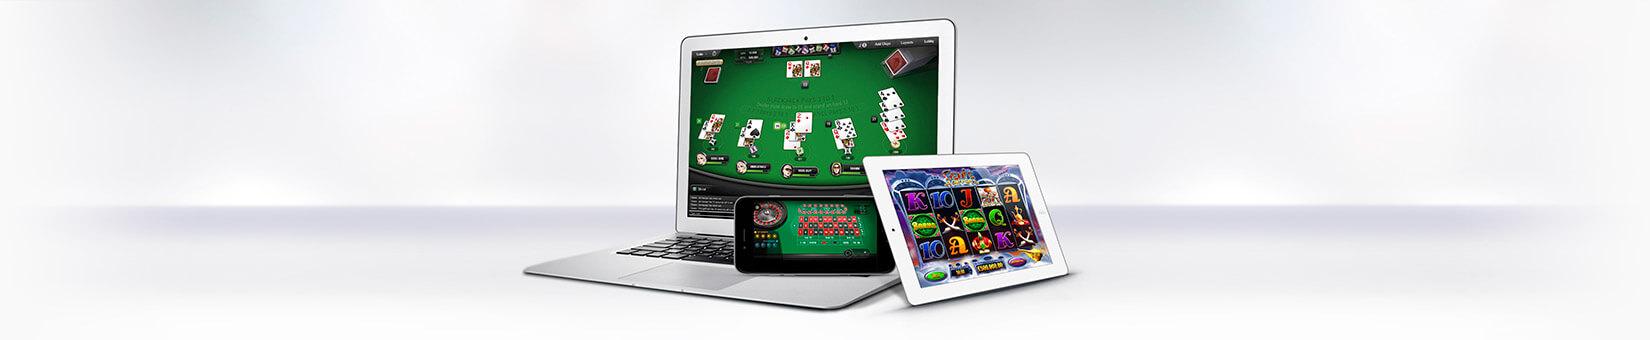 Pokerstars Casino - 23477